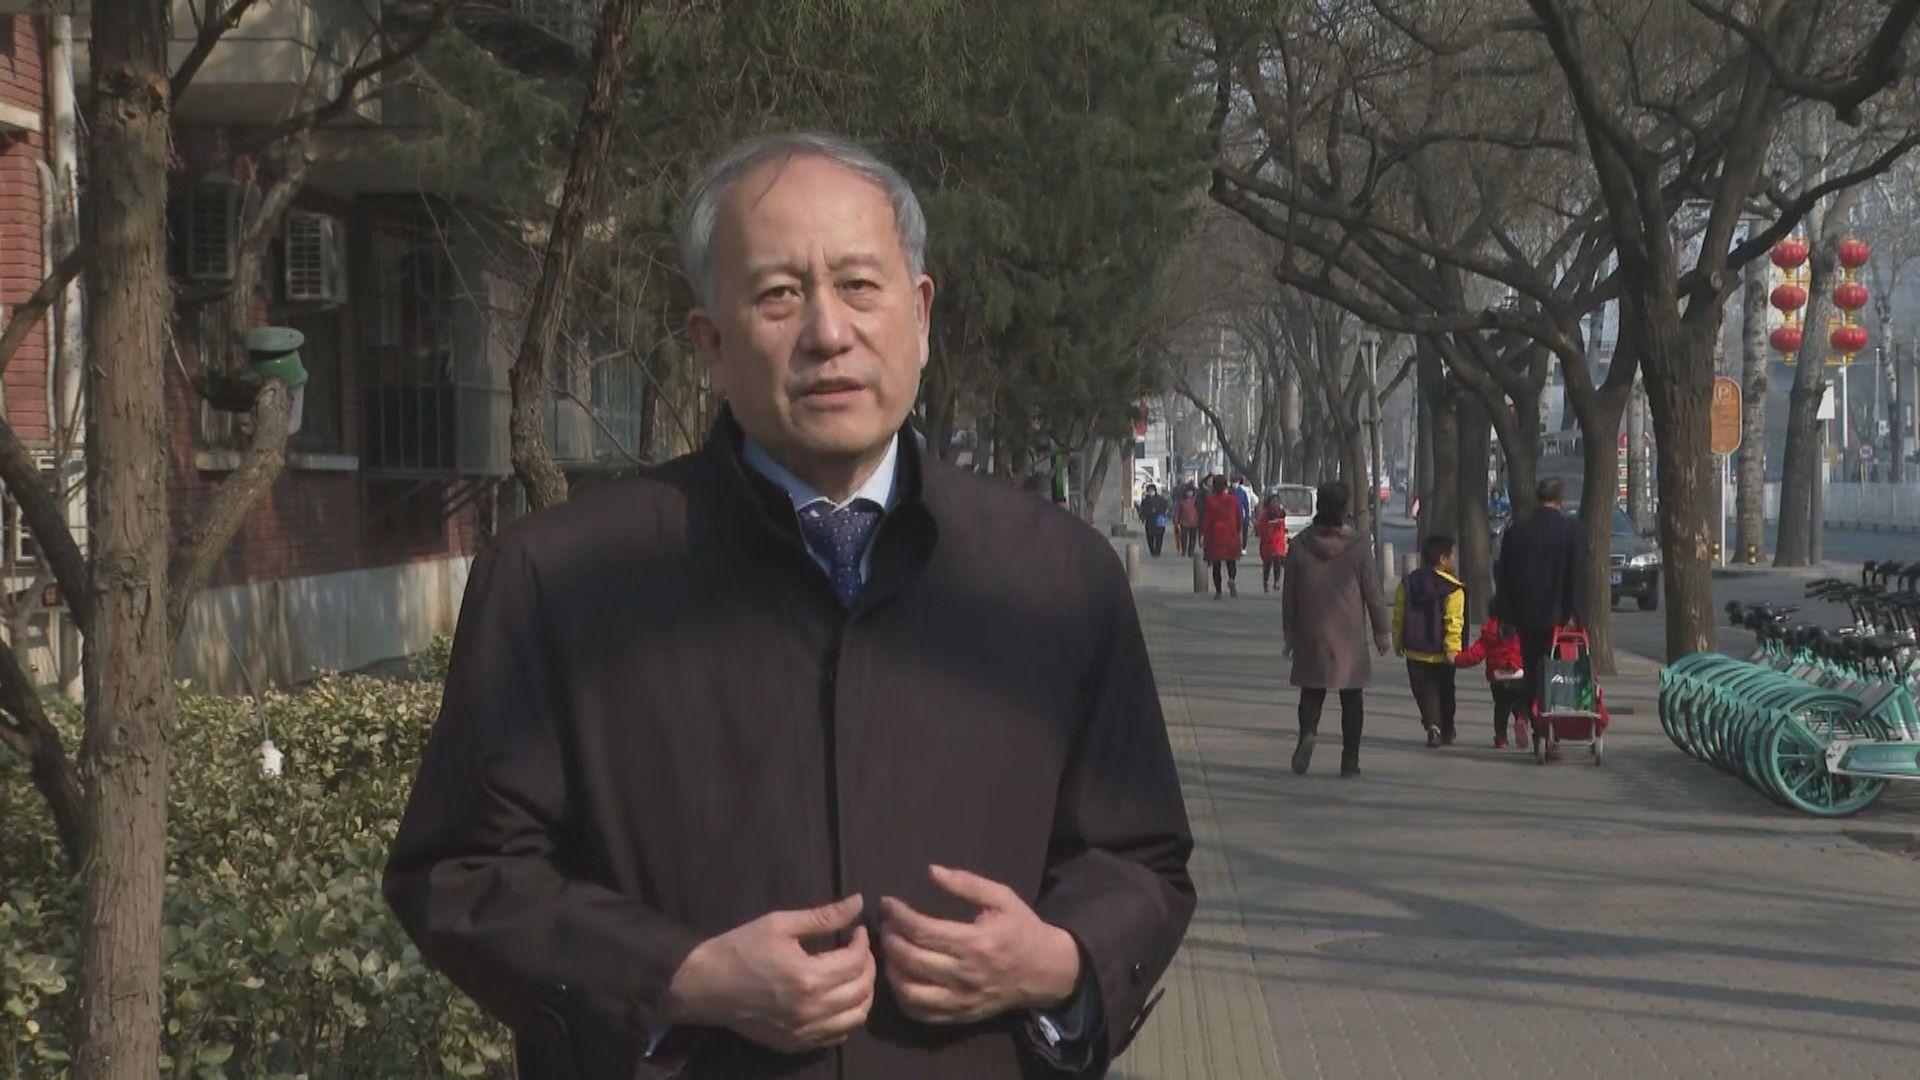 國務院參事料拜登對華政策如何調整仍有待觀察